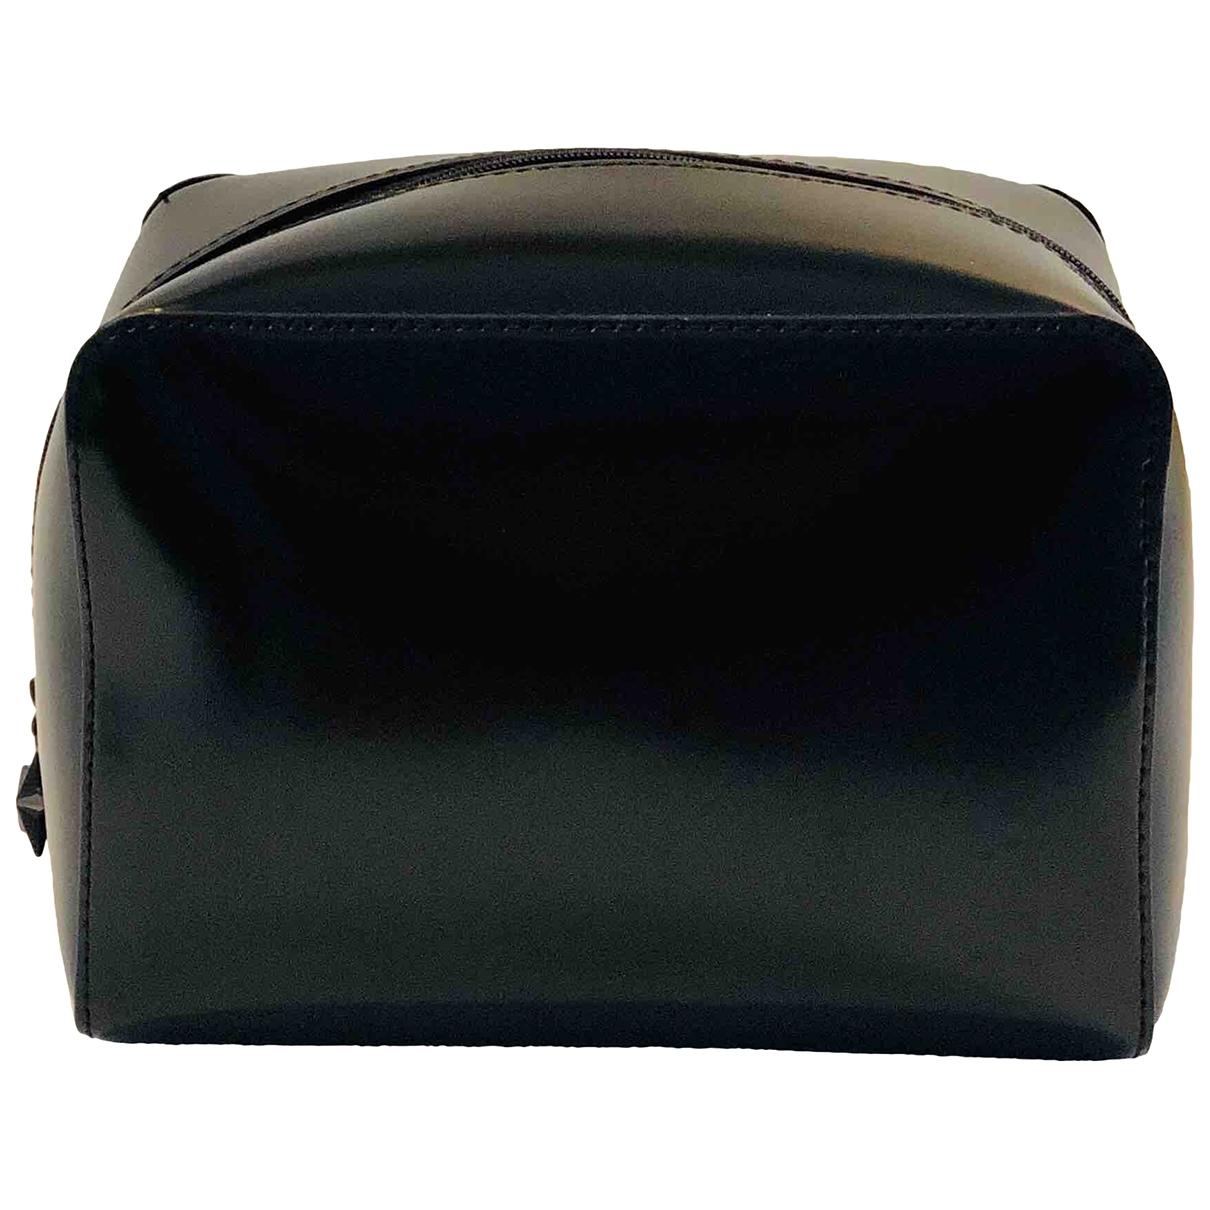 Givenchy \N Reisetasche in  Schwarz Kunststoff